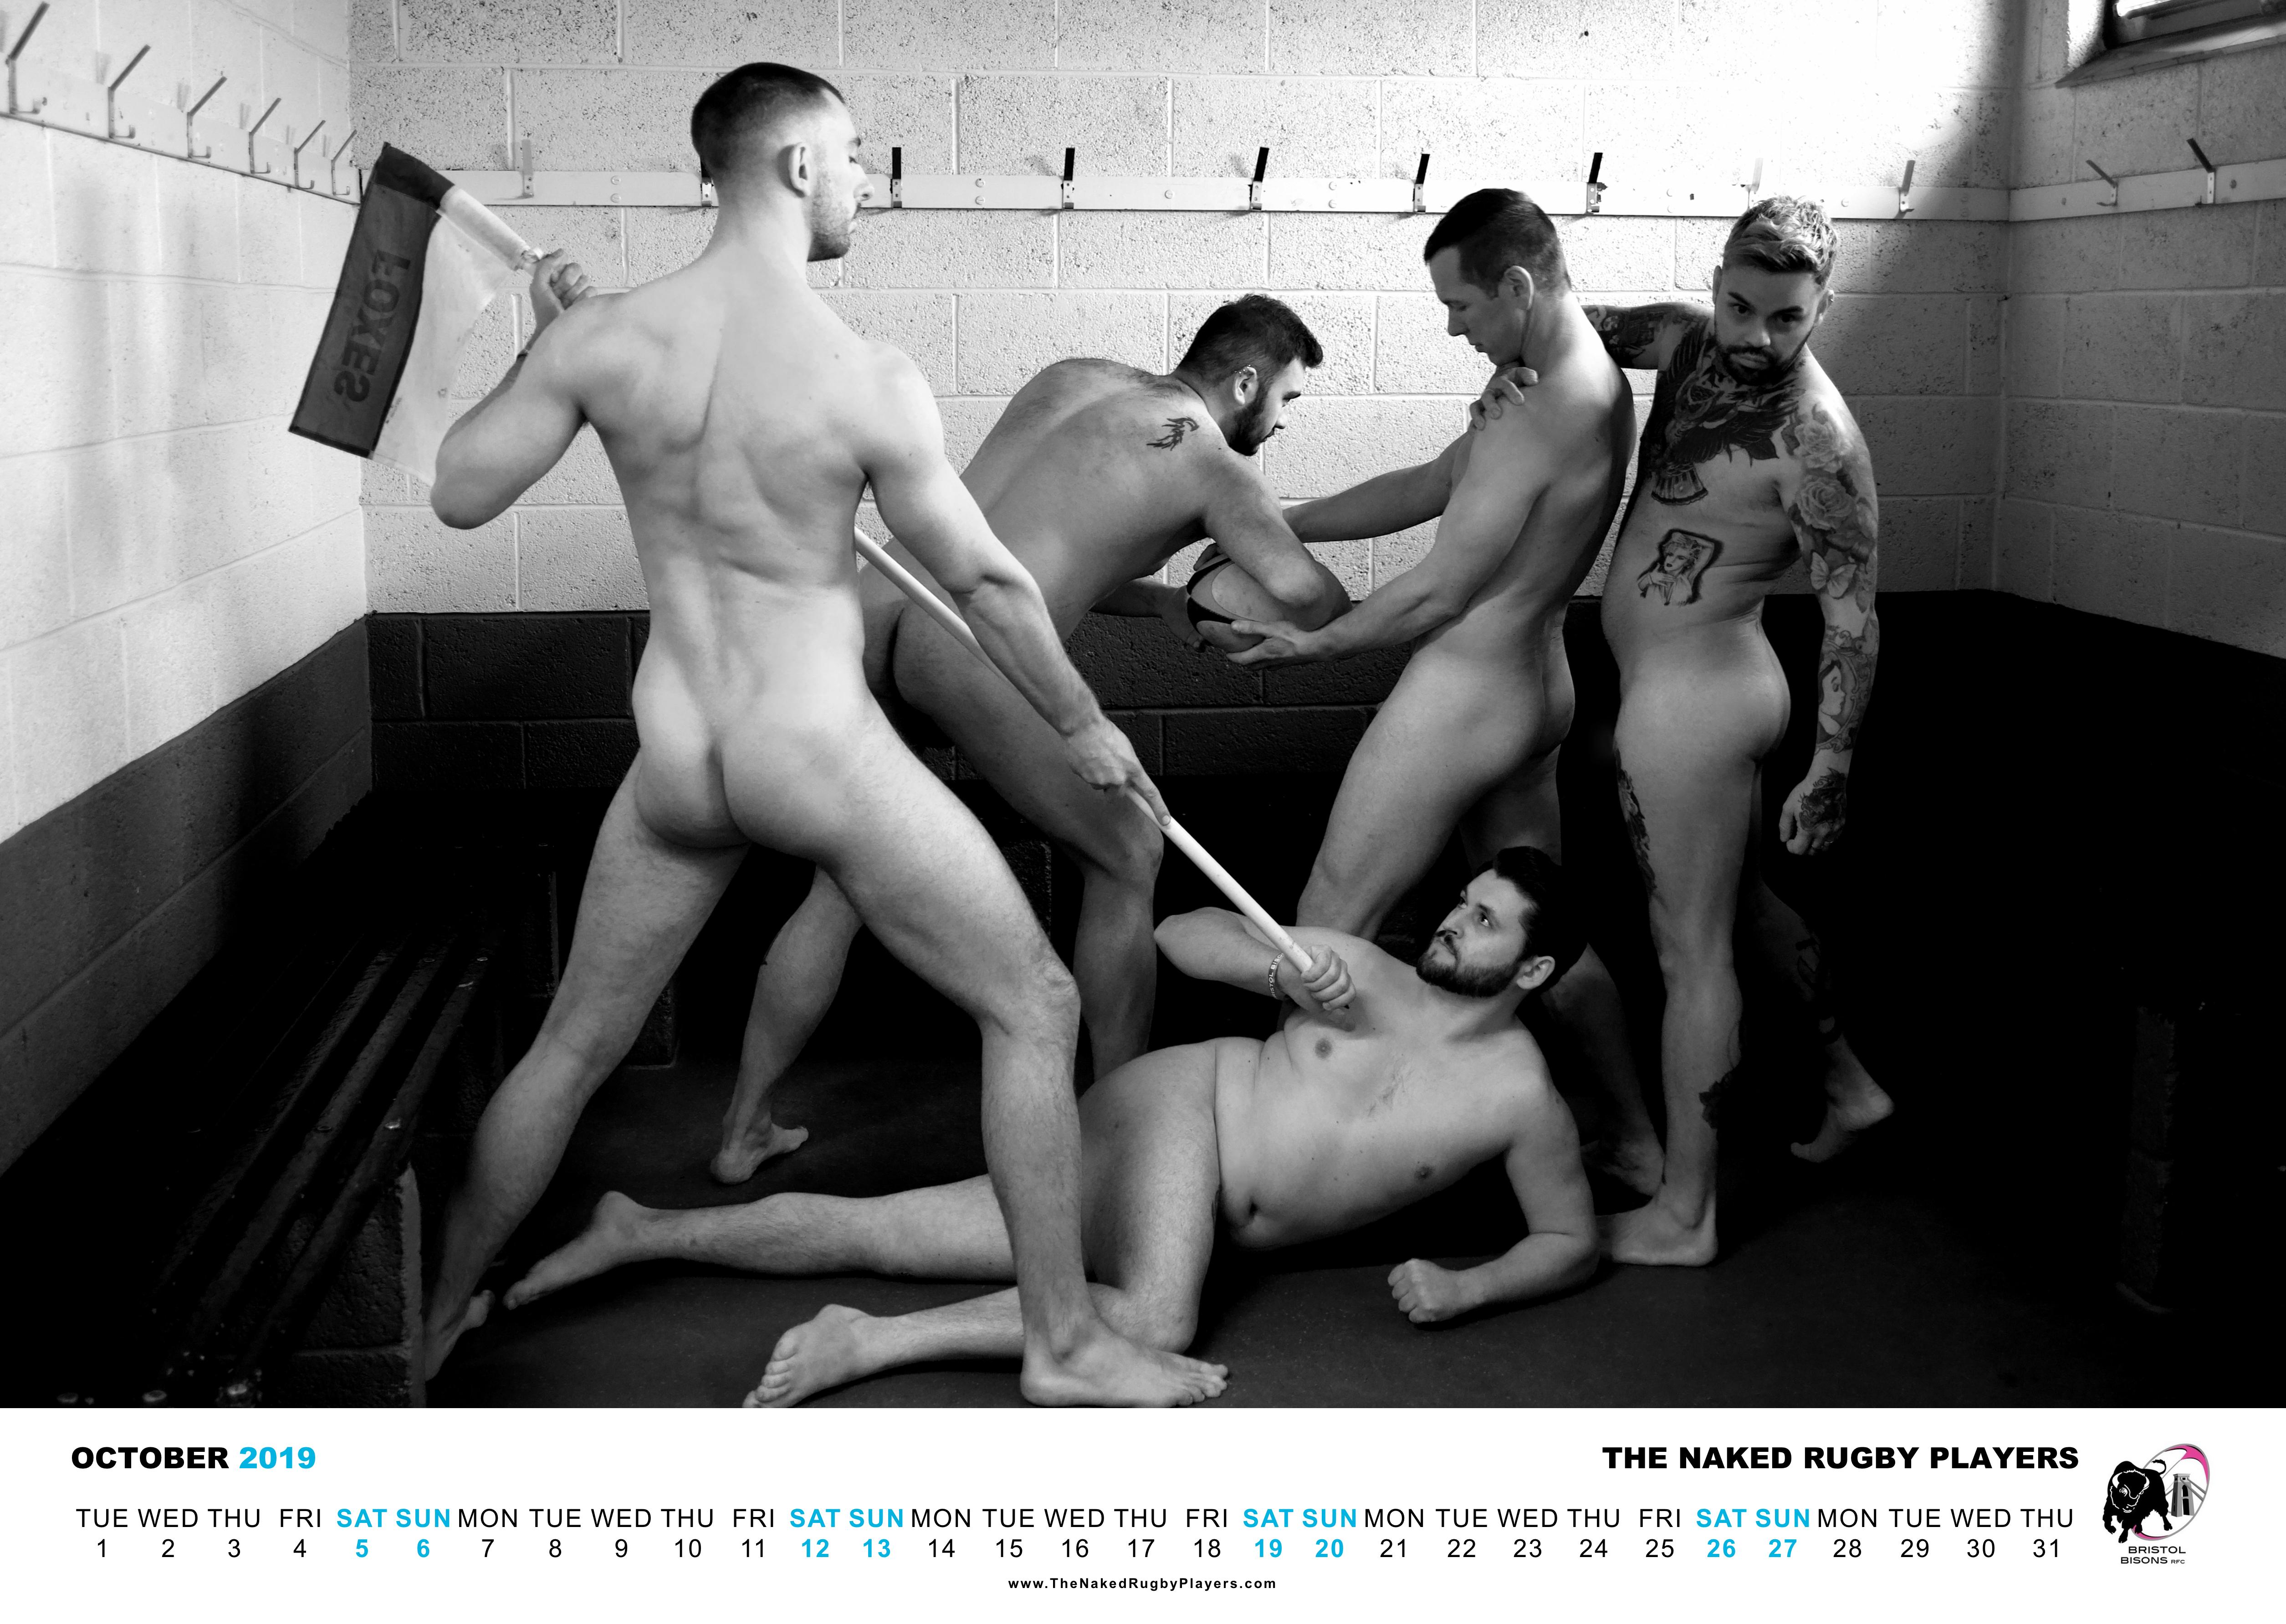 Croatian nudegirls Nude Photos